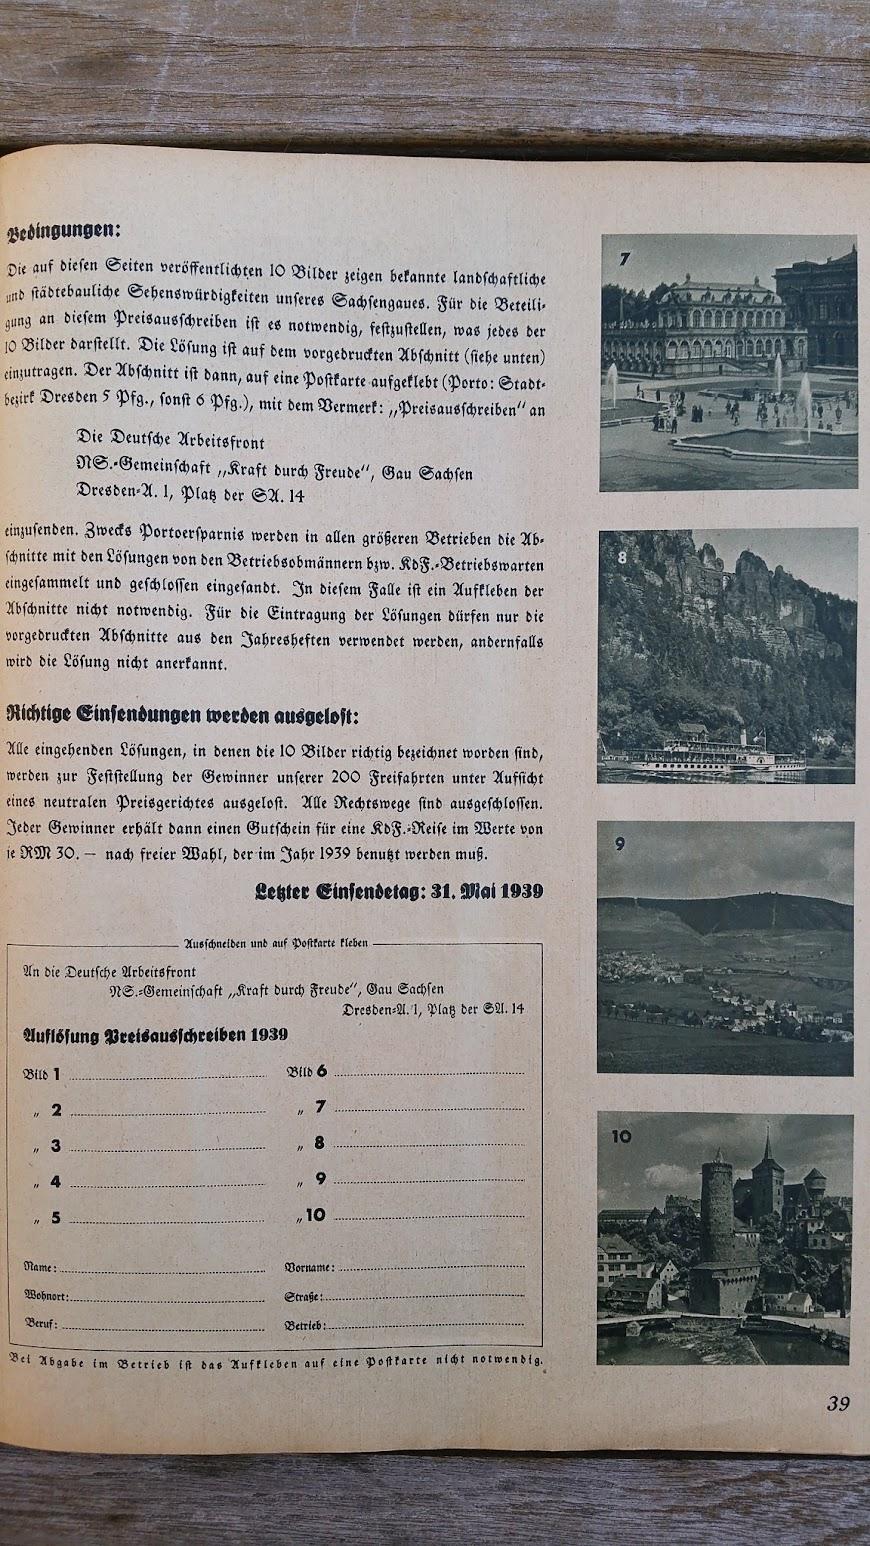 """Die Deutsche Arbeitsfront - Urlaubsfahrten 1939 - NS-Gemeinschaft """"Kraft durch Freude"""" Gau Sachsen - Katalog - Preisausschreiben"""